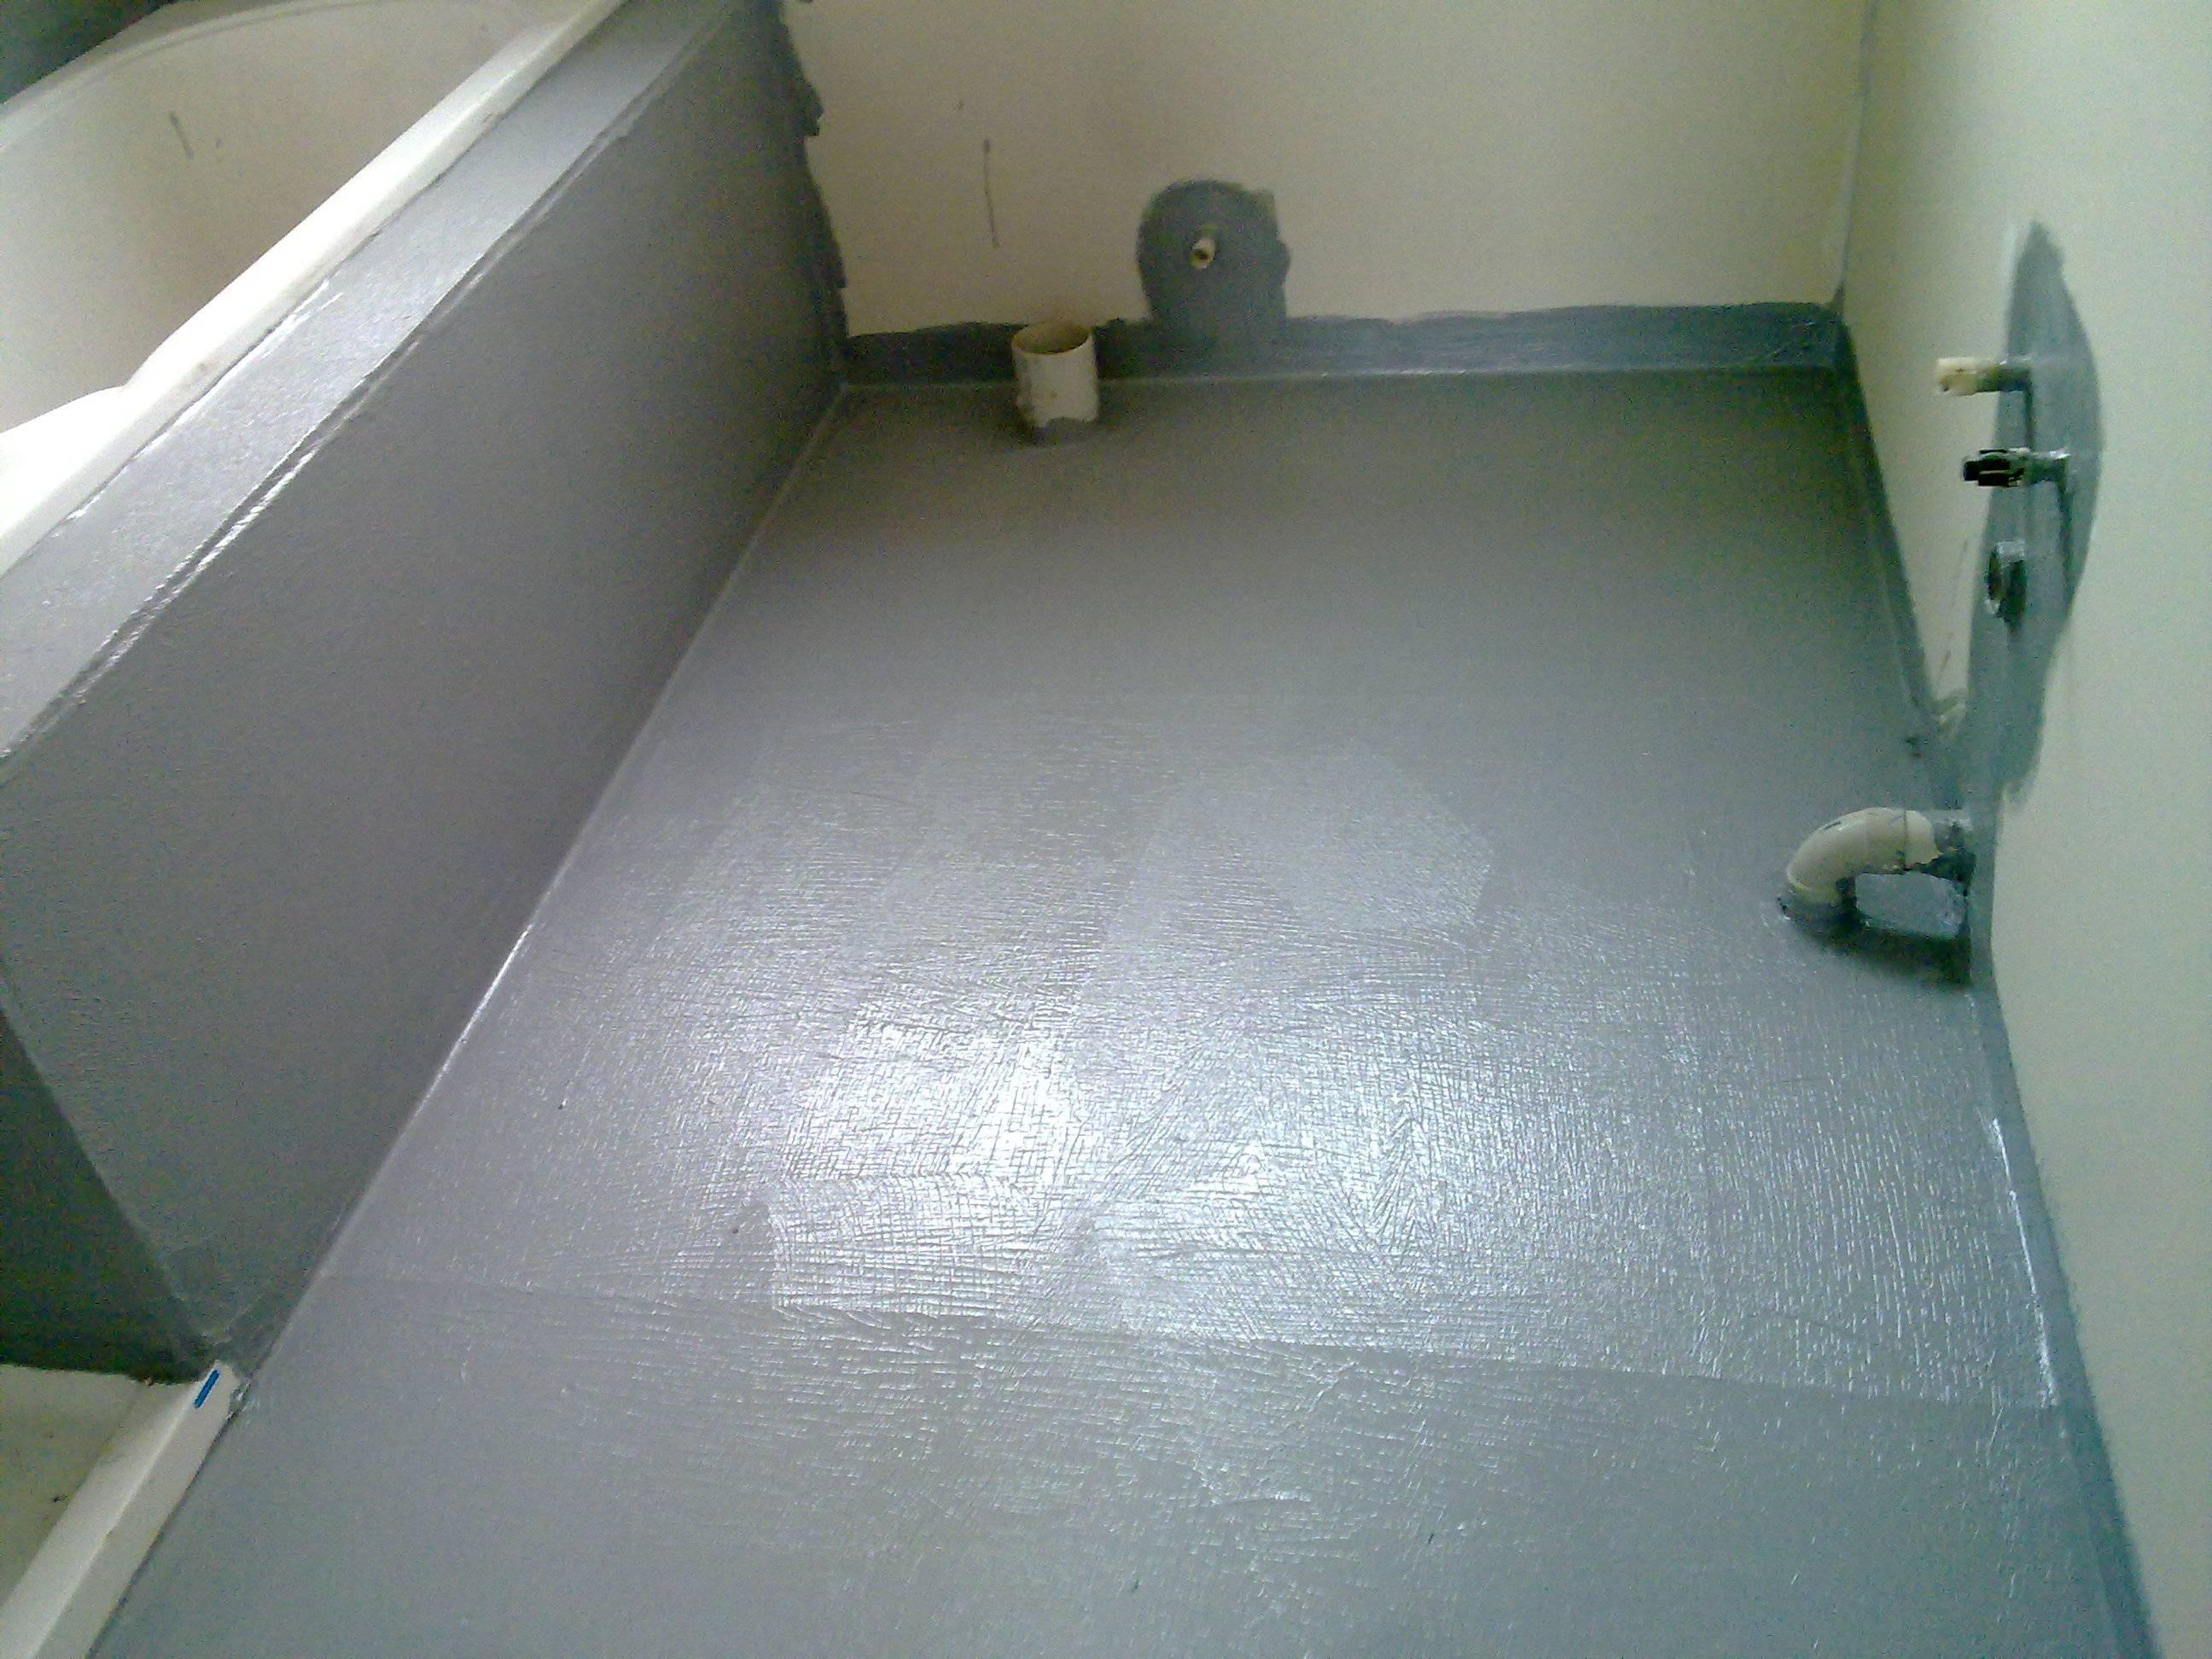 Пароизоляция для пола в деревянном доме (28 фото): гидроизоляция в квартире бетонного пола, выбираем изоспан и рулонные изоляционные материалы